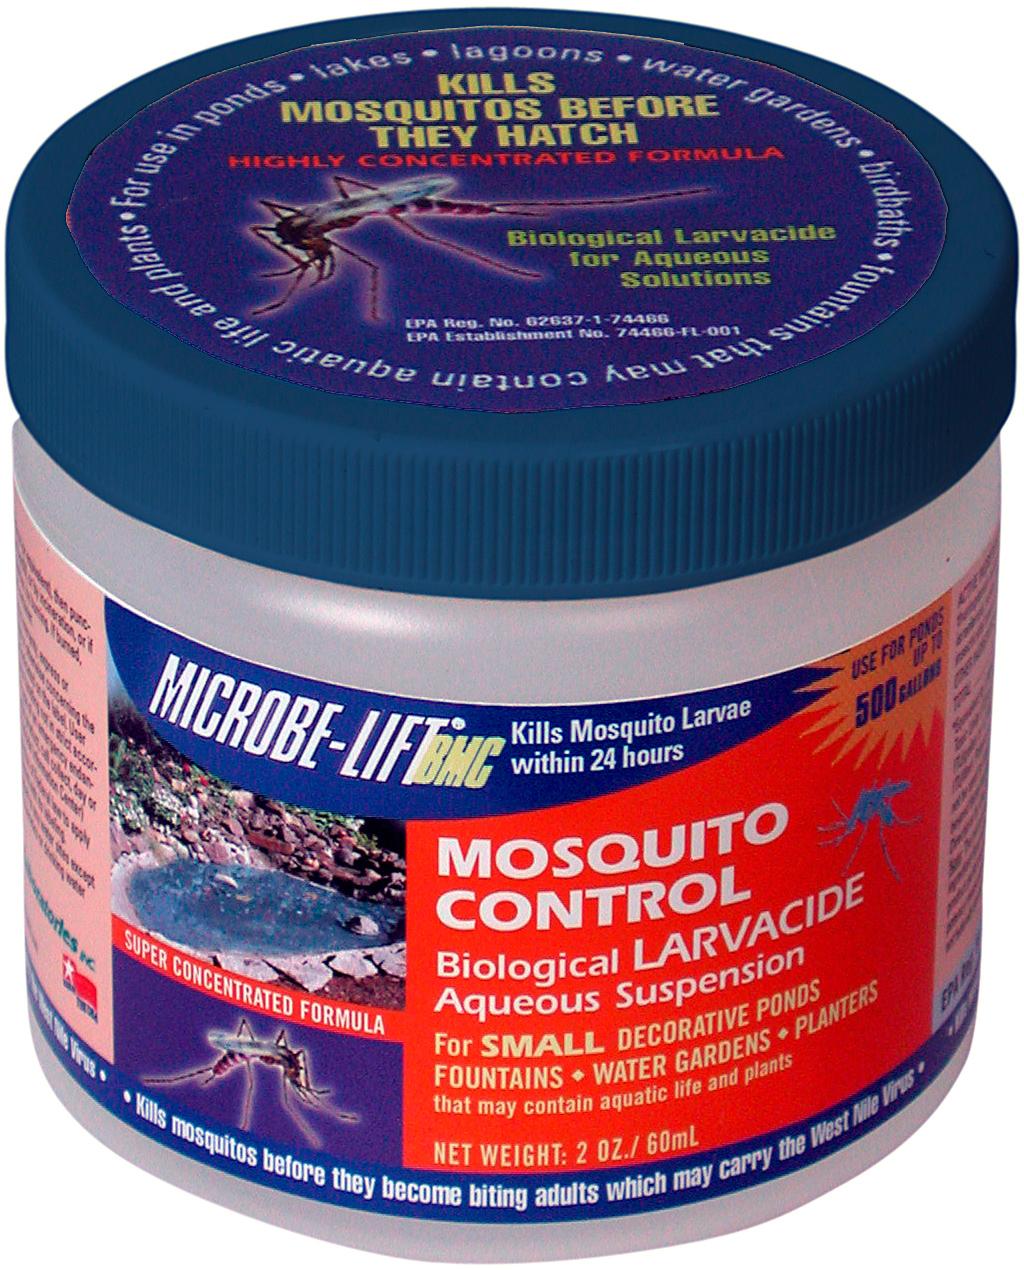 Microbe-Lift BMC 2oz Liquid Mosquito Control [N.A. NM, CANAD